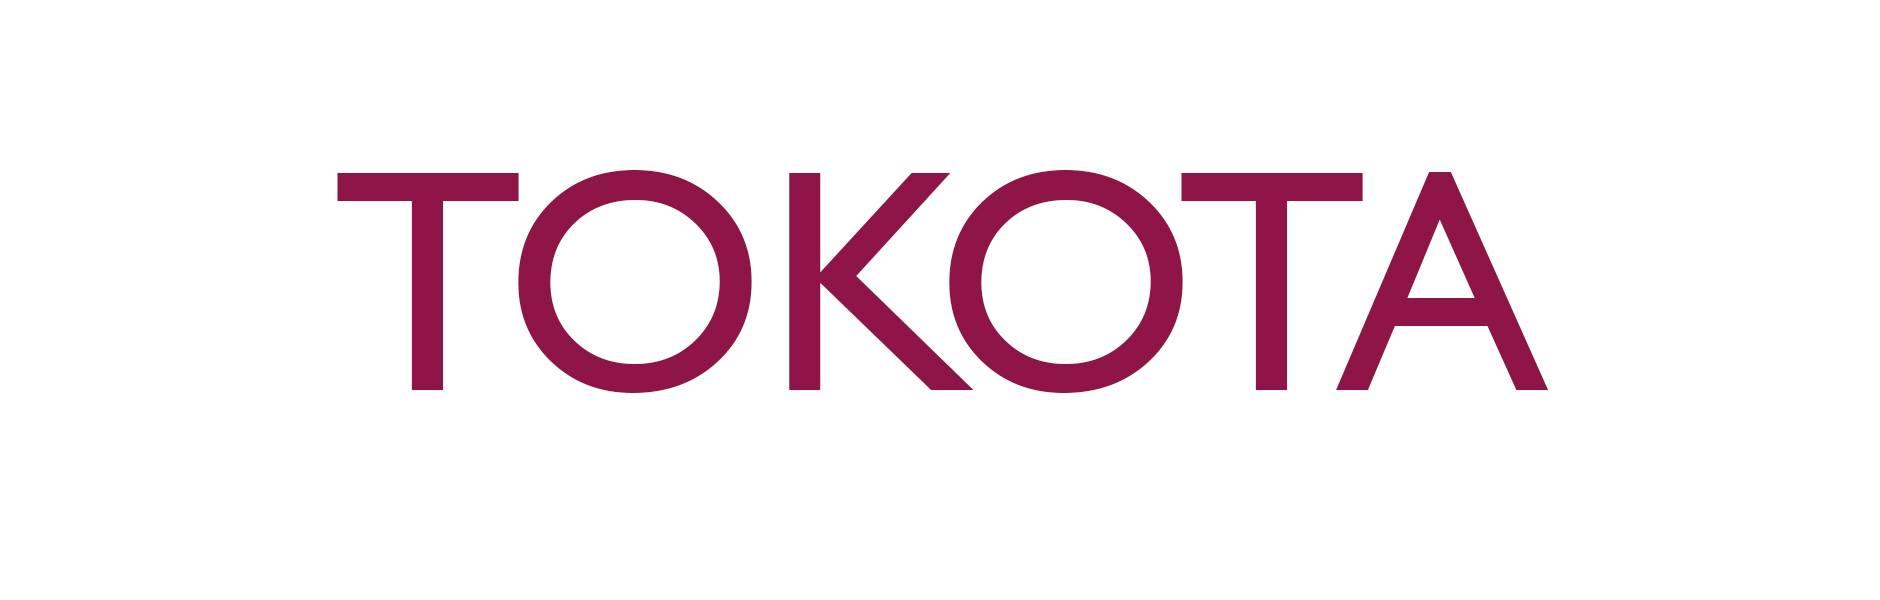 Tokota